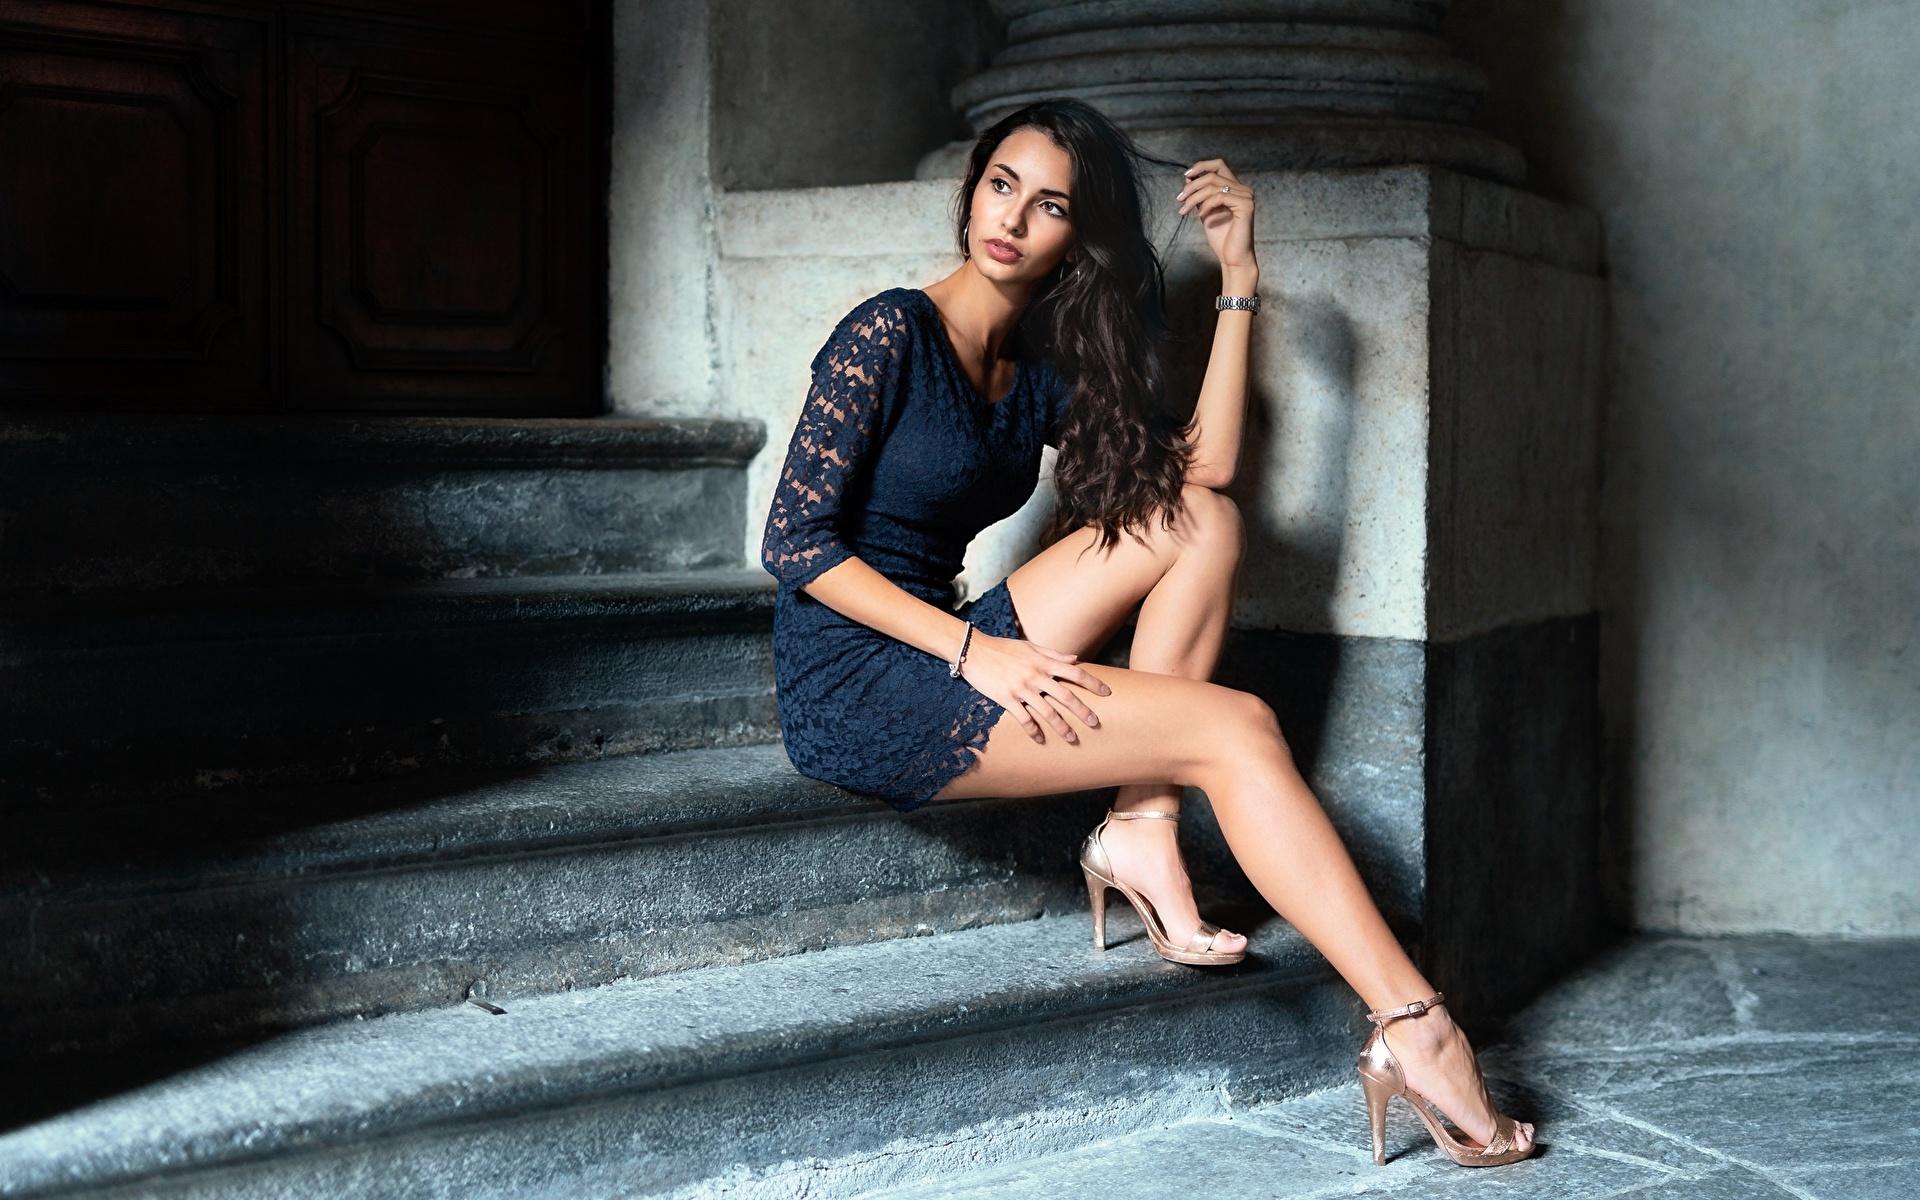 Обои для рабочего стола брюнеток девушка лестницы Ноги Руки Сидит платья Туфли 1920x1200 брюнетки Брюнетка Девушки Лестница молодая женщина молодые женщины ног рука сидя сидящие Платье туфель туфлях